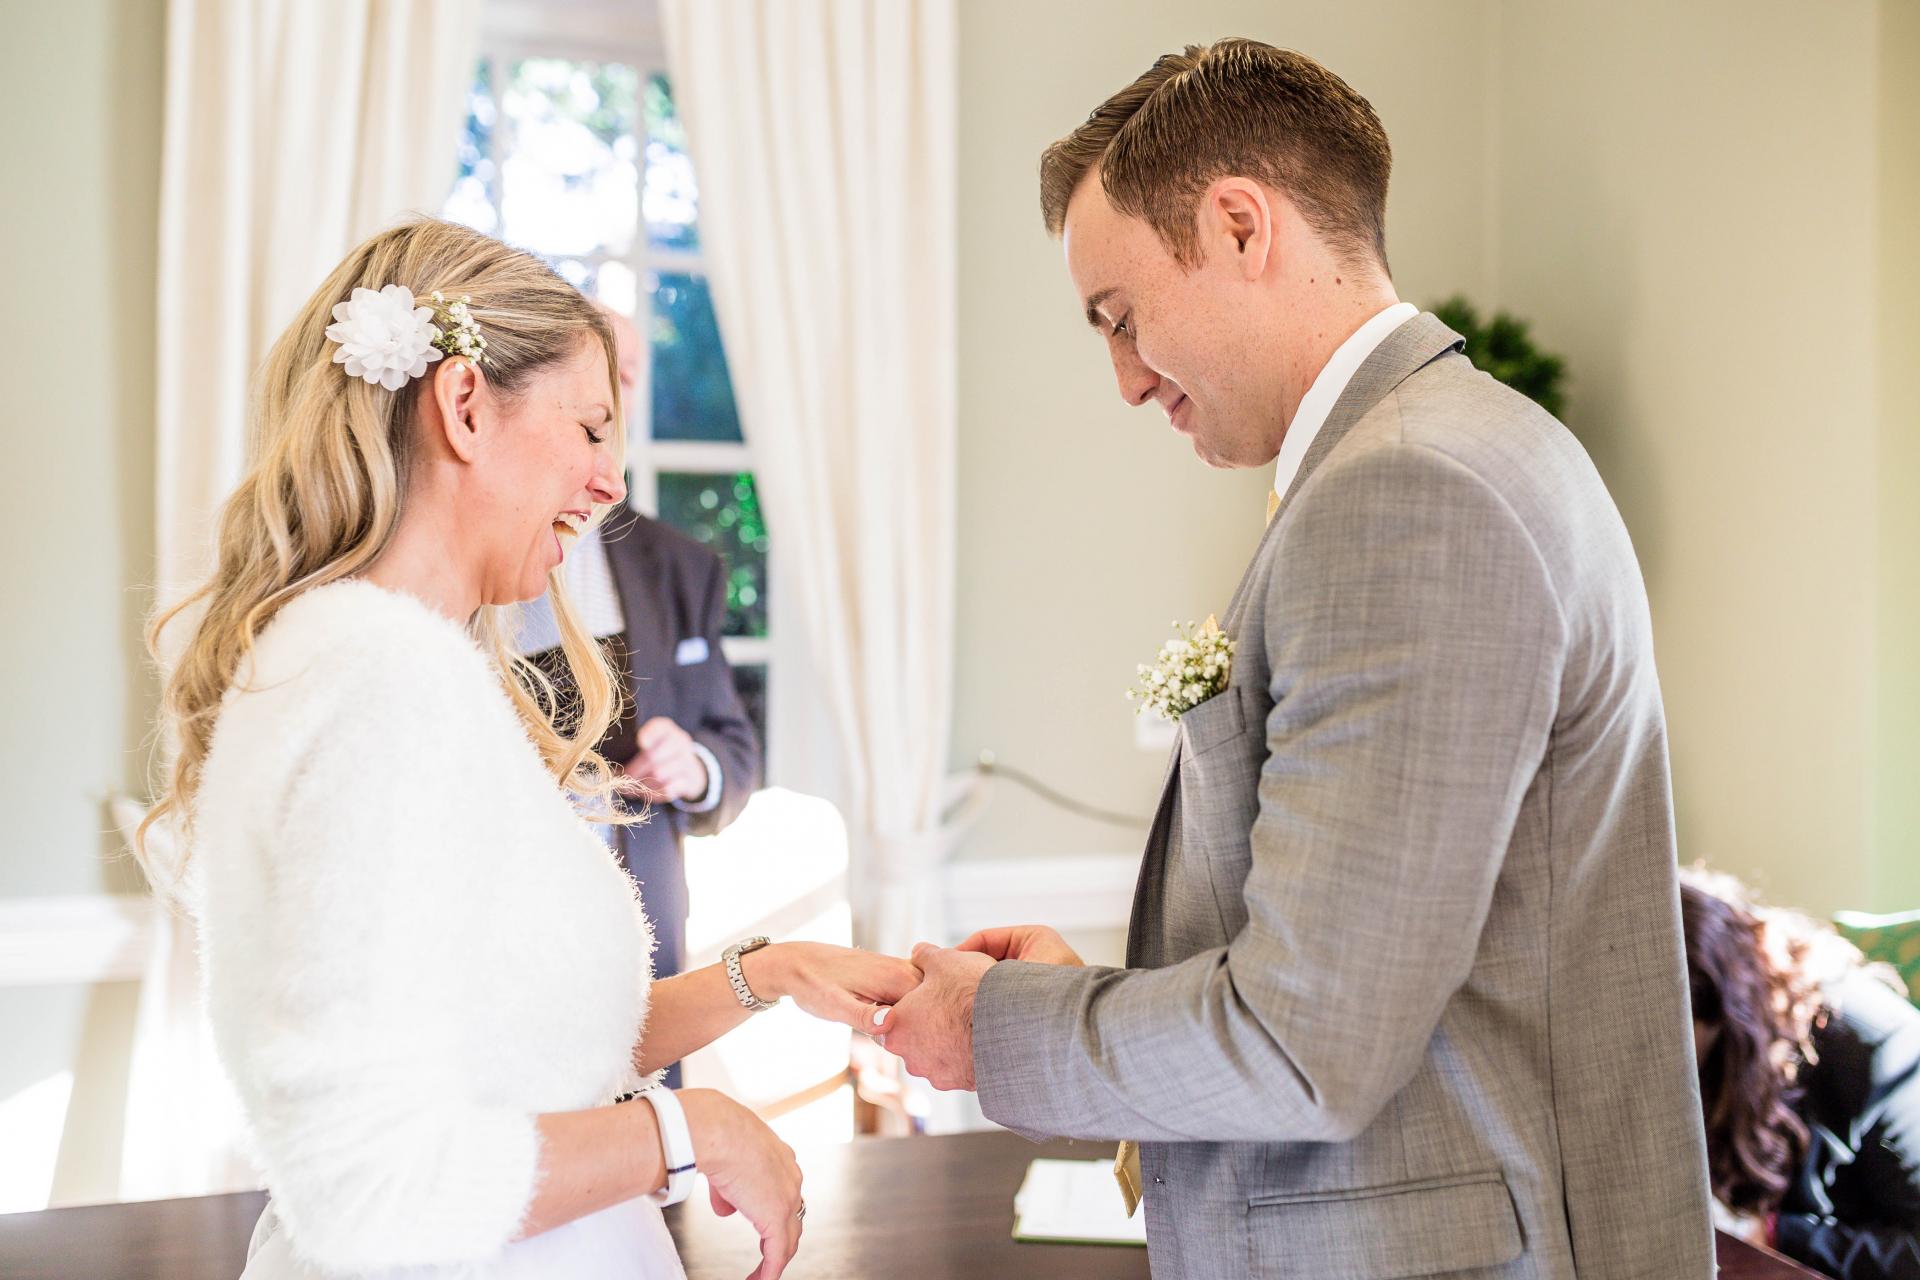 Richmond upon Thames, London Elopement Ceremony Image | Der Austausch von Ringen brachte die Braut zum Lächeln, da es ein lang erwarteter Moment für sie war